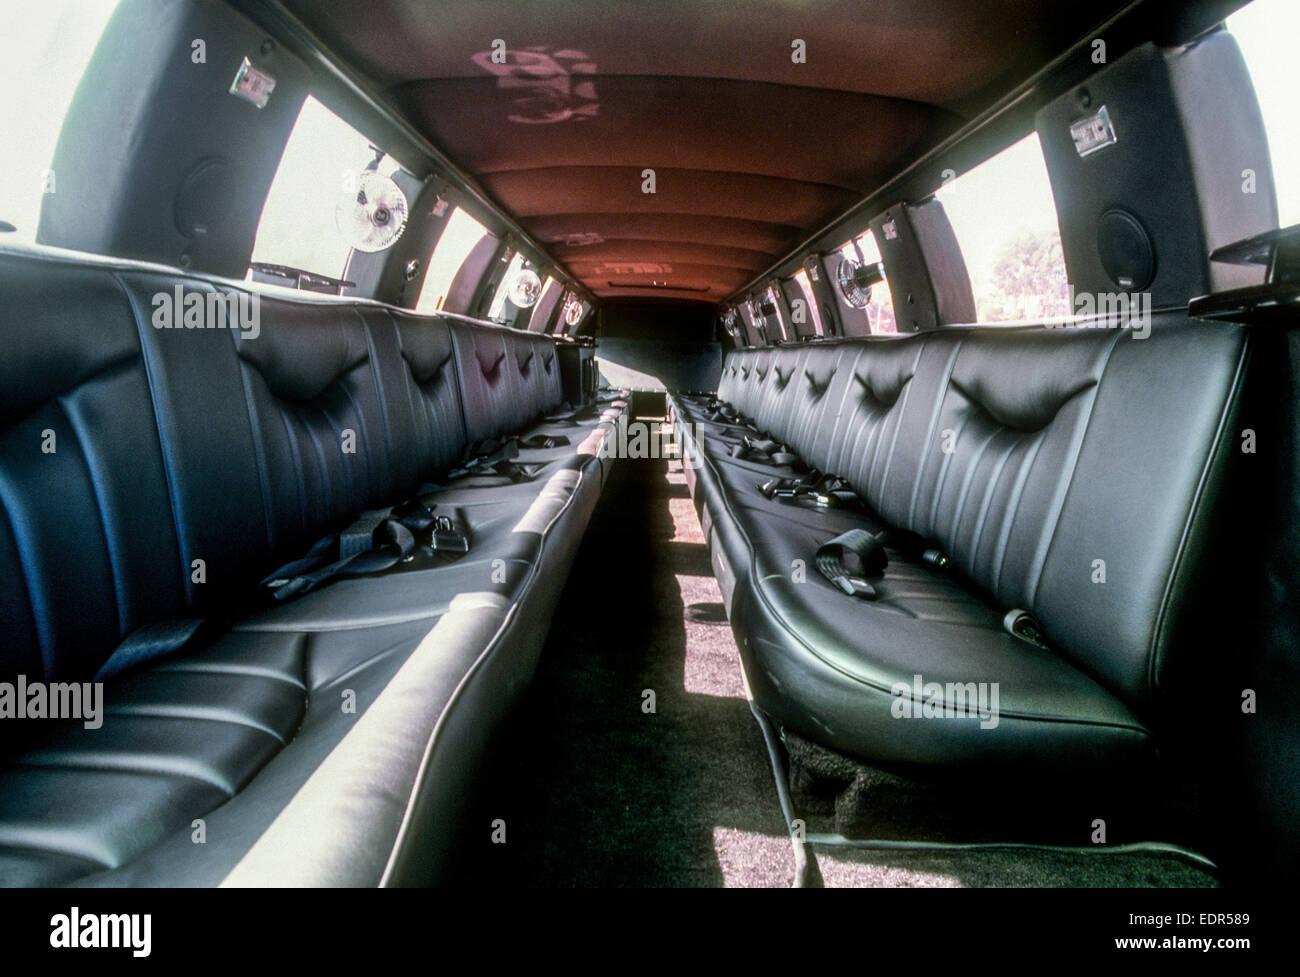 Welt längste innen von der limousine Wie viele